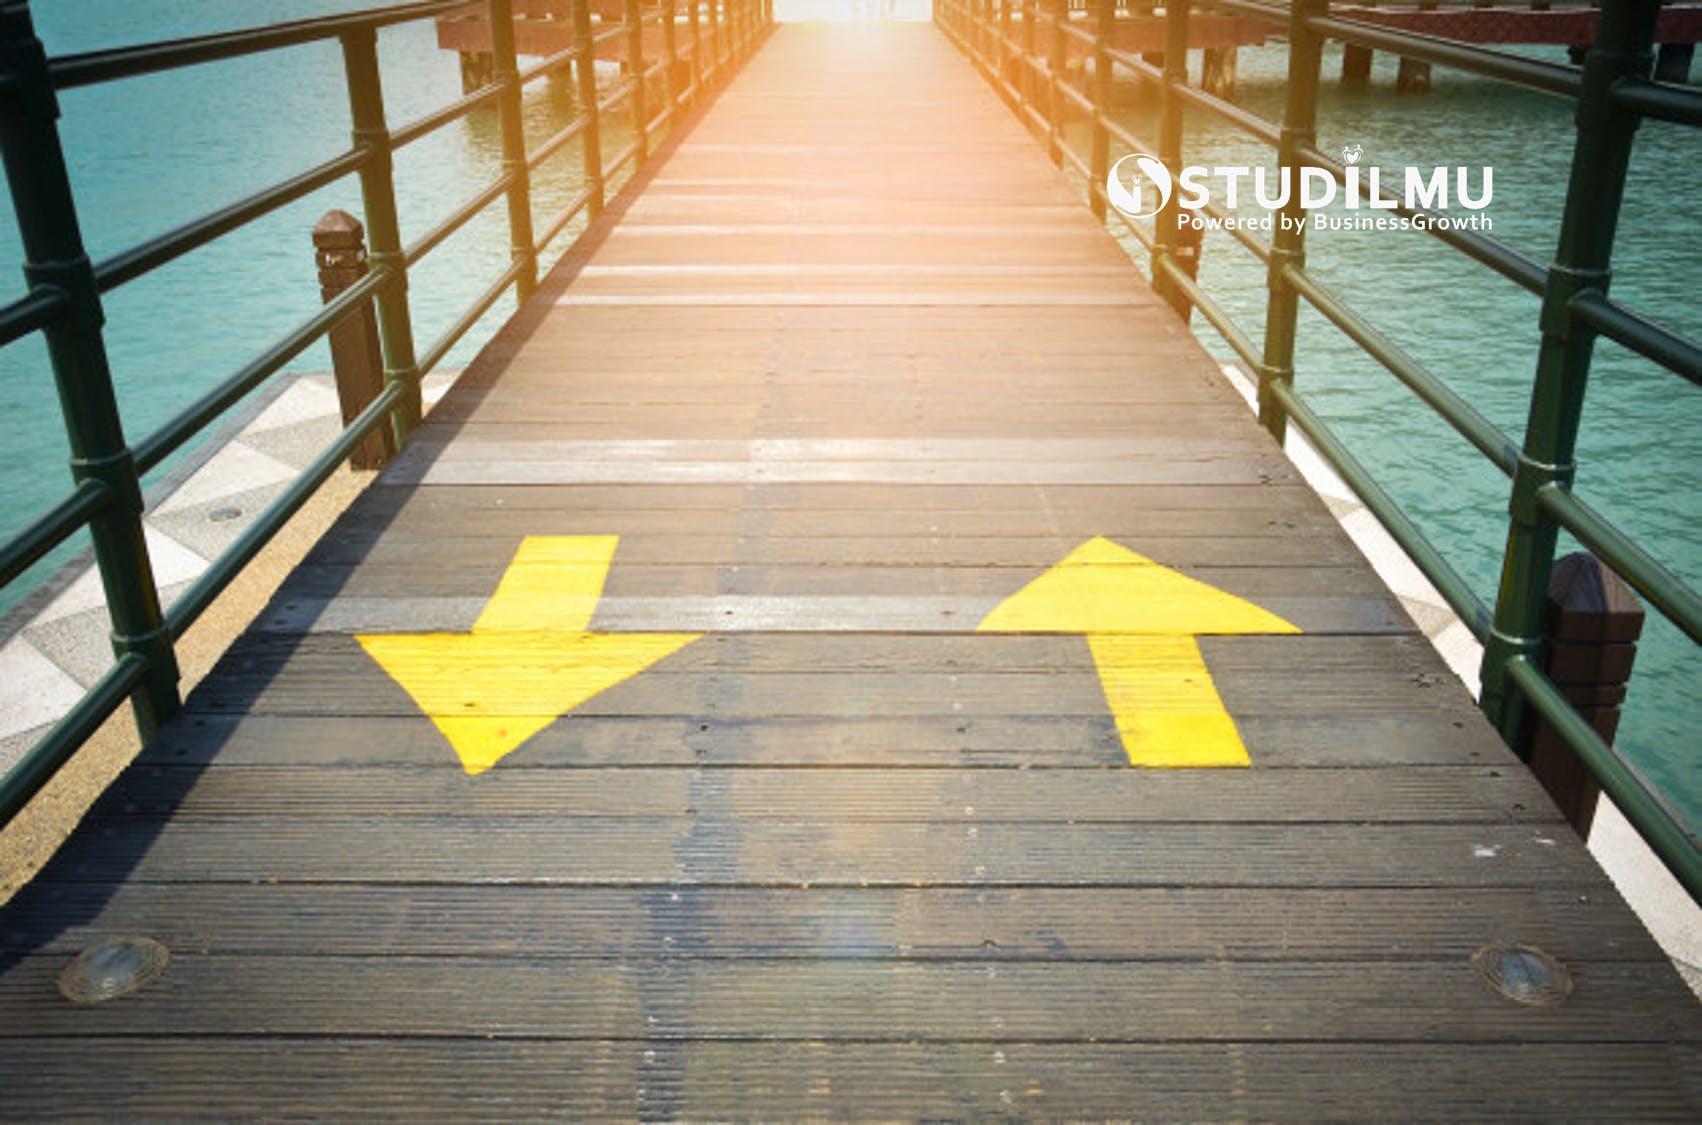 STUDILMU Career Advice - 5 Cara Mengatasi Konflik dengan Tegas